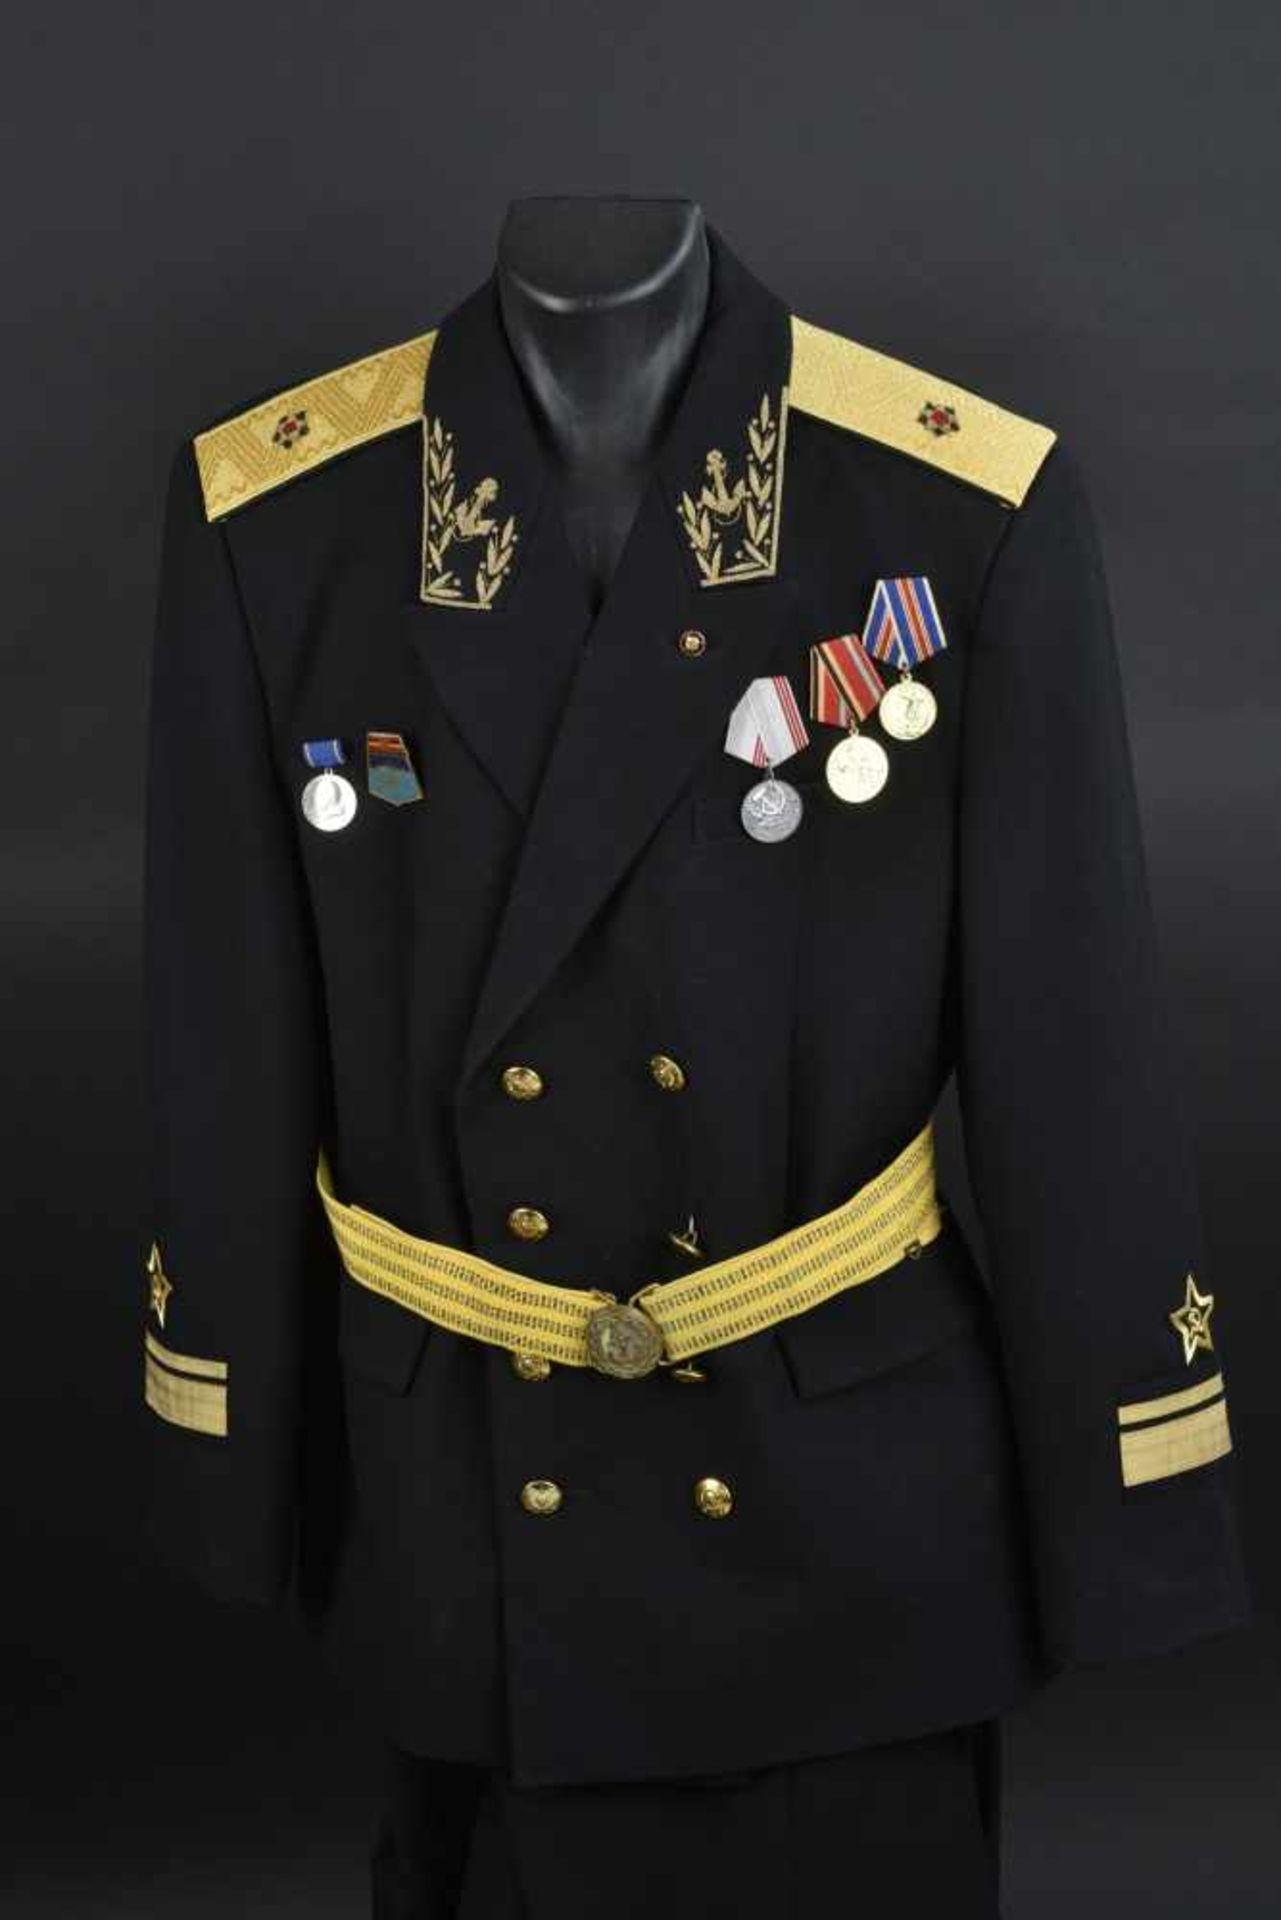 Uniforme de Contre amirale soviétique, année 1975 Vareuse en tissu noir, grades de col brodés en fil